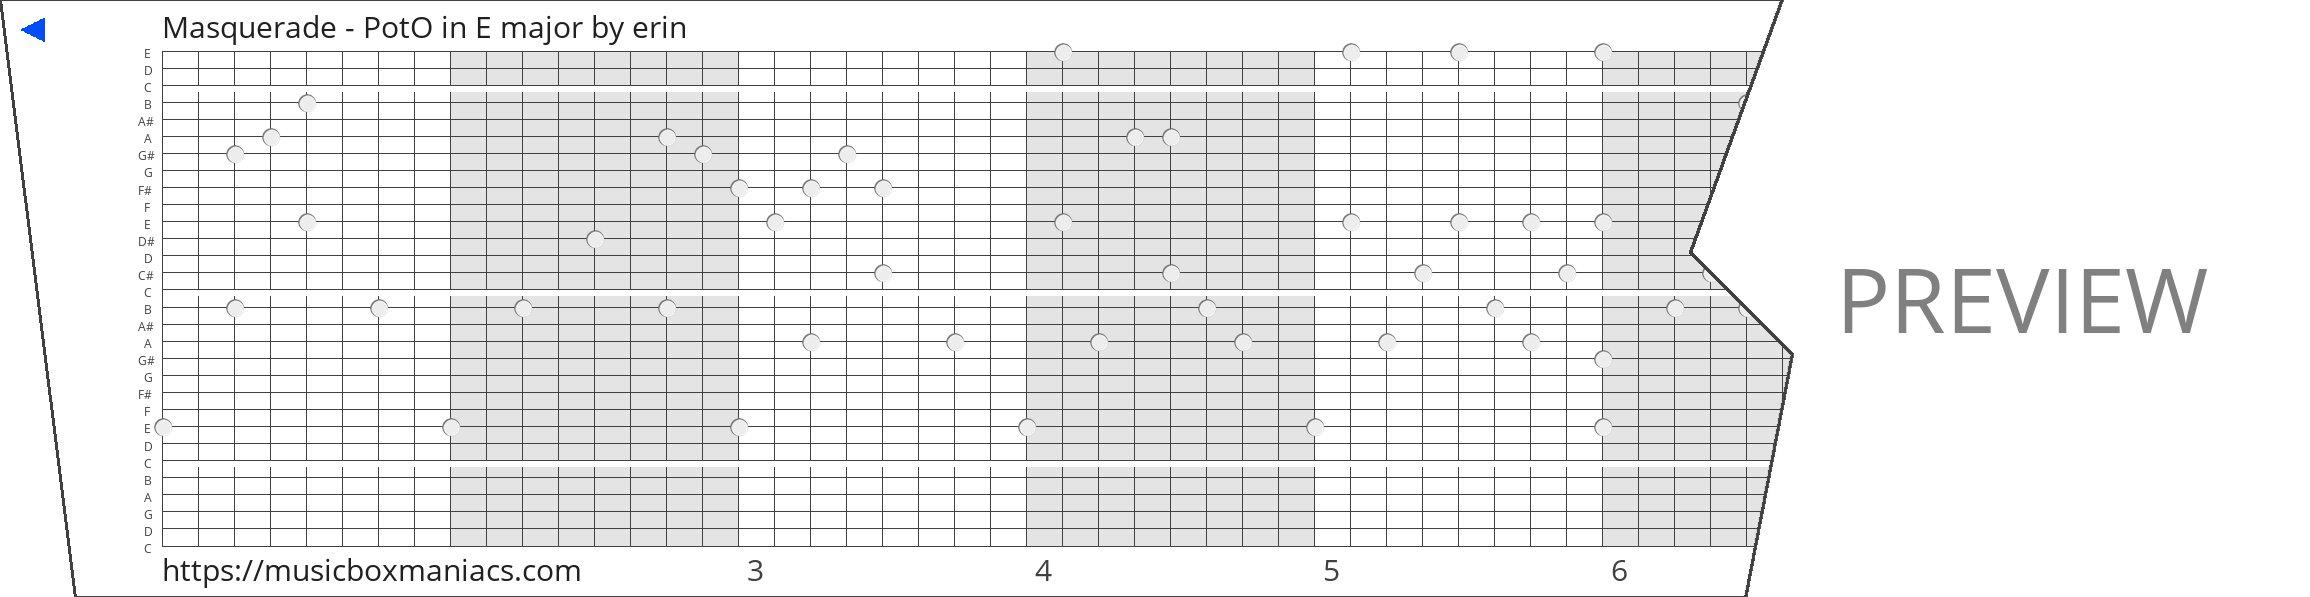 Masquerade - PotO in E major 30 note music box paper strip